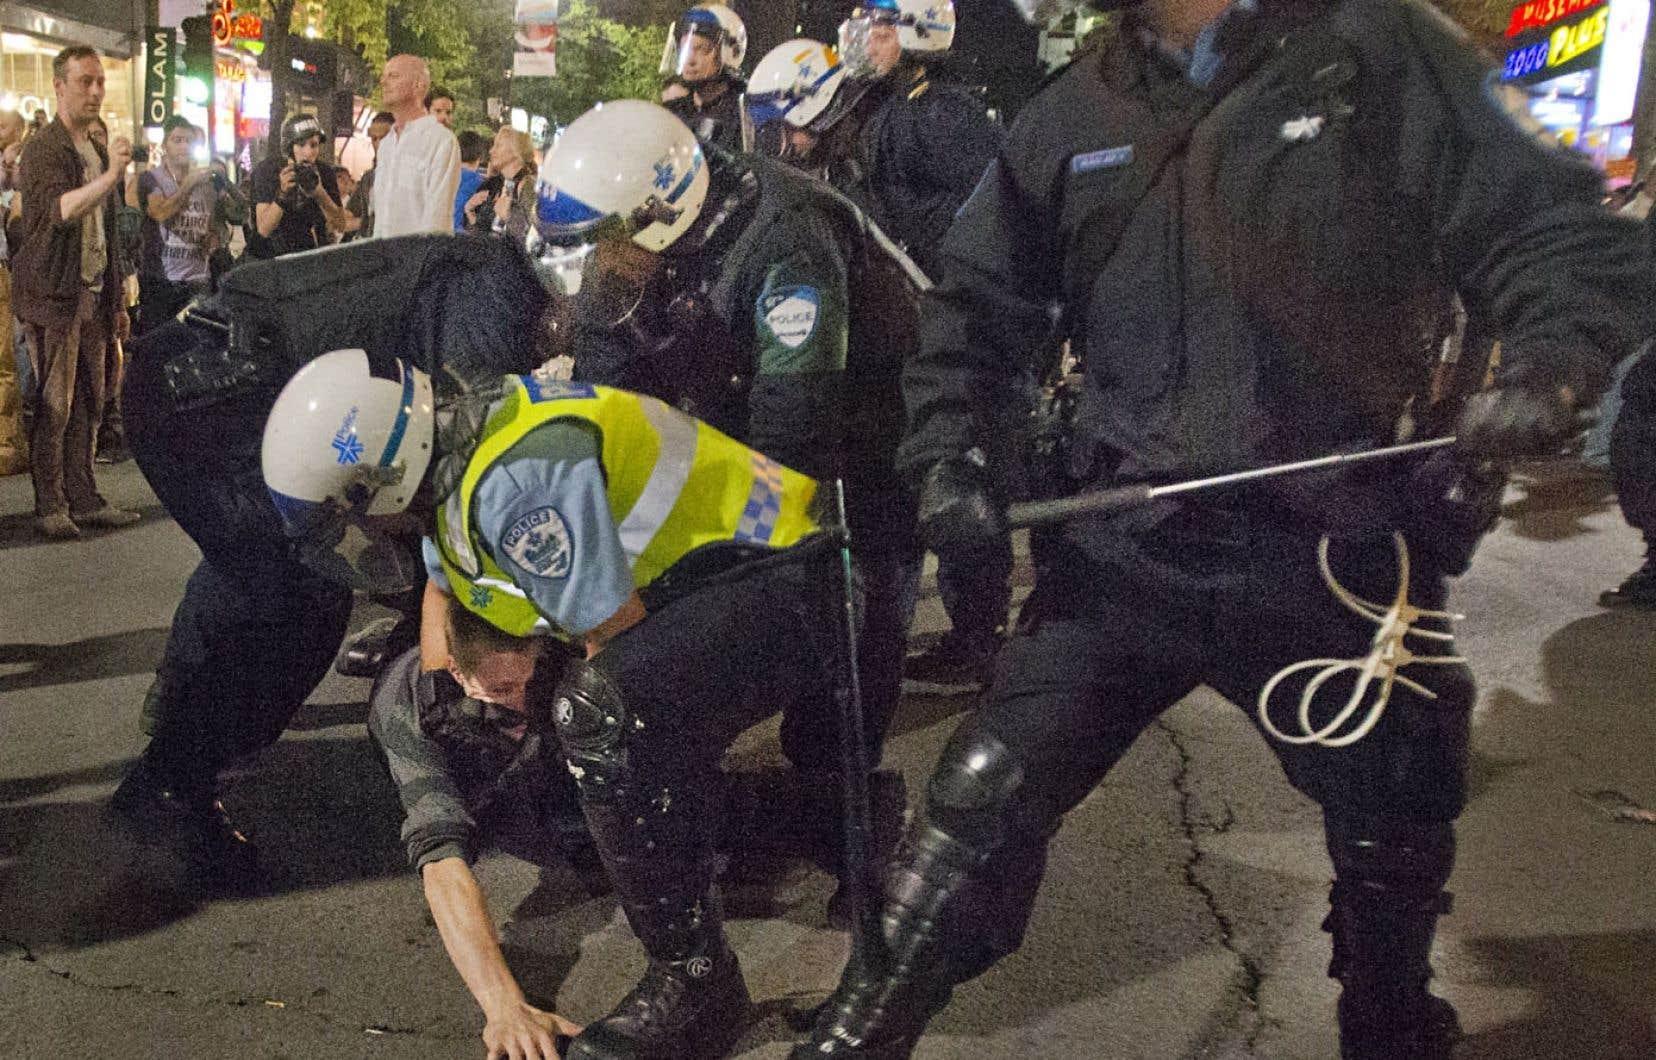 Arrestation musclée d'un manifestant en juin dernier à Montréal. À ce jour, quelque 200 plaintes ont été formulées au commissaire à la déontologie à la suite des événements du printemps érable.